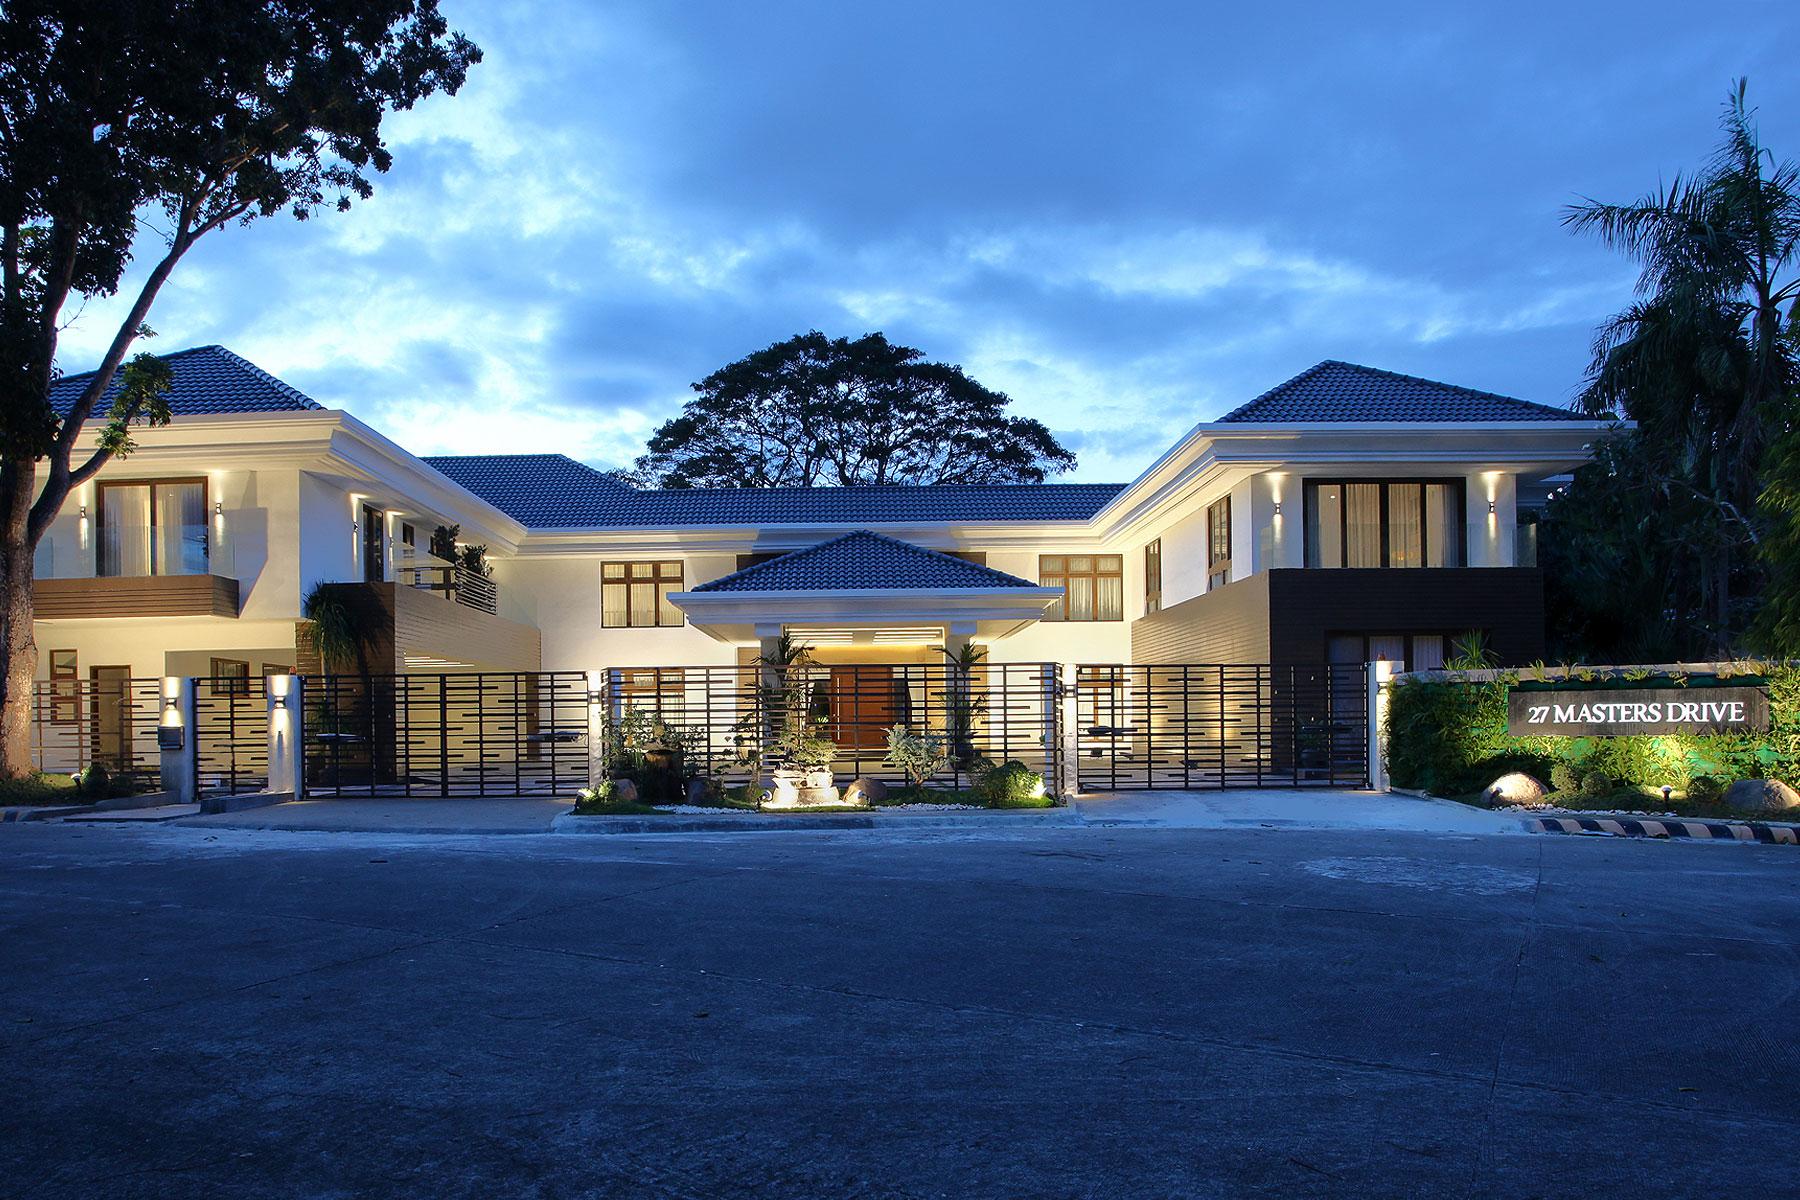 一戸建て のために 売買 アット Magnificent 9 Bedroom Golfer's Paradise, Manila Southwoods Property 27-29 Masters Drive Southwoods Residential Estates, Carmona, Cavite Other Cities In Philippines, Other Areas In Philippines 4116 フィリピン